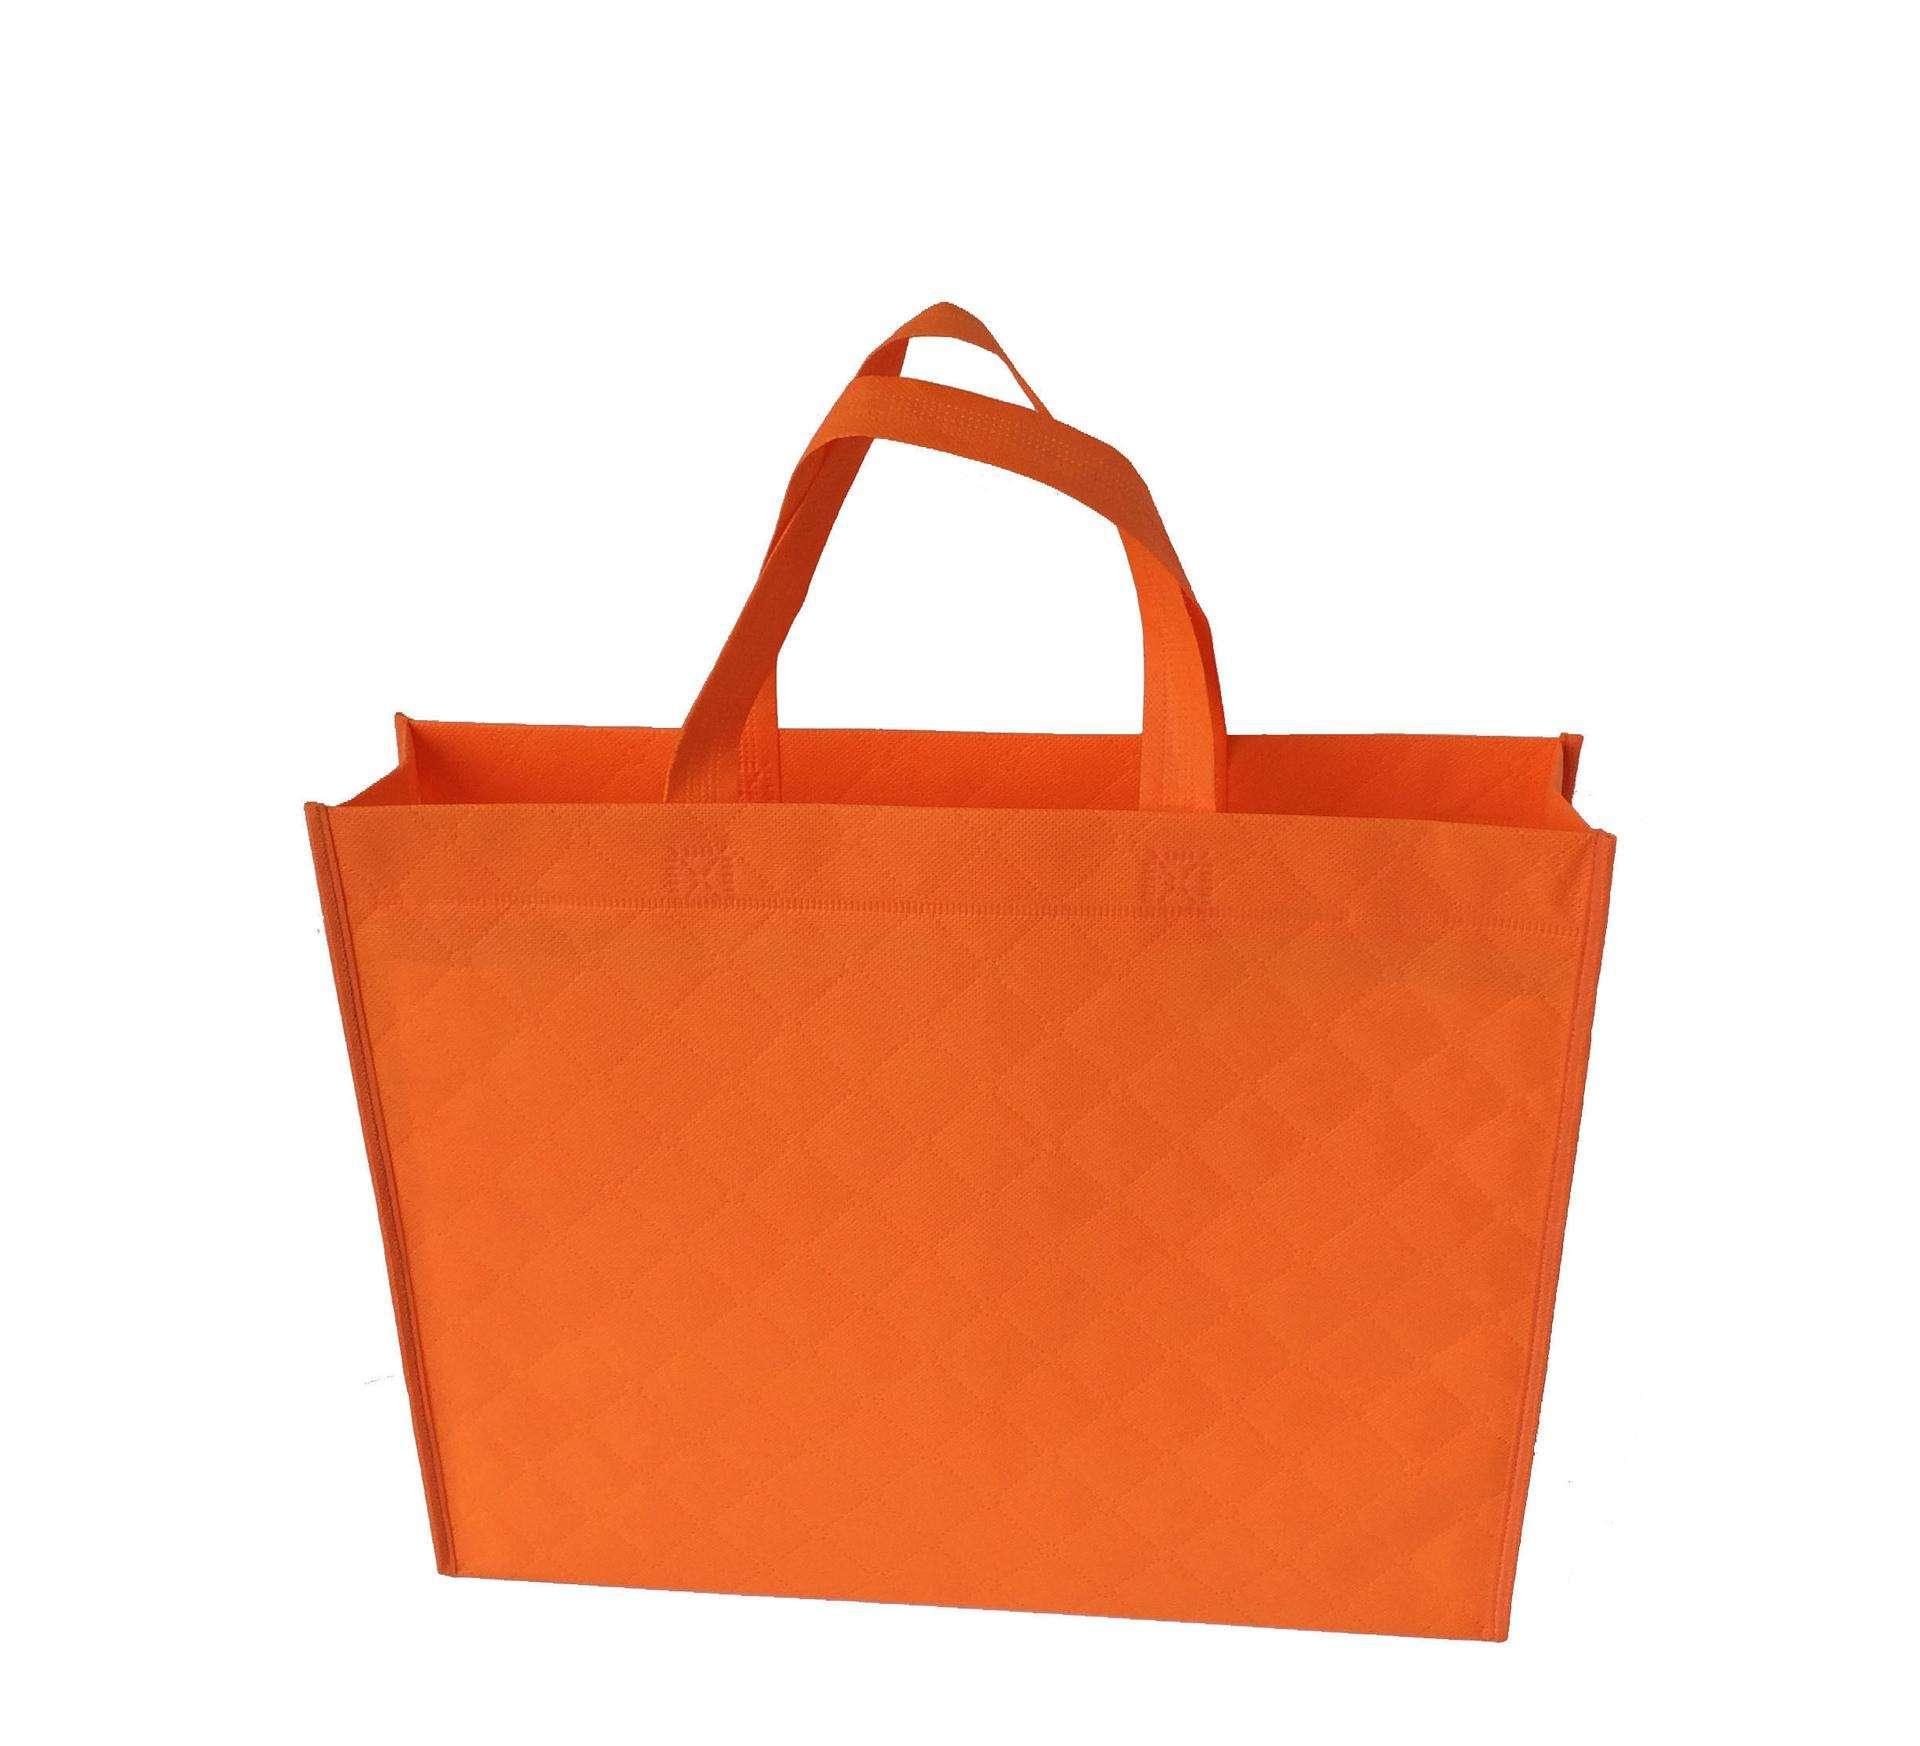 保定包裝袋無紡布制成的無紡布包裝袋有哪些塑料袋無可取代的優點呢?